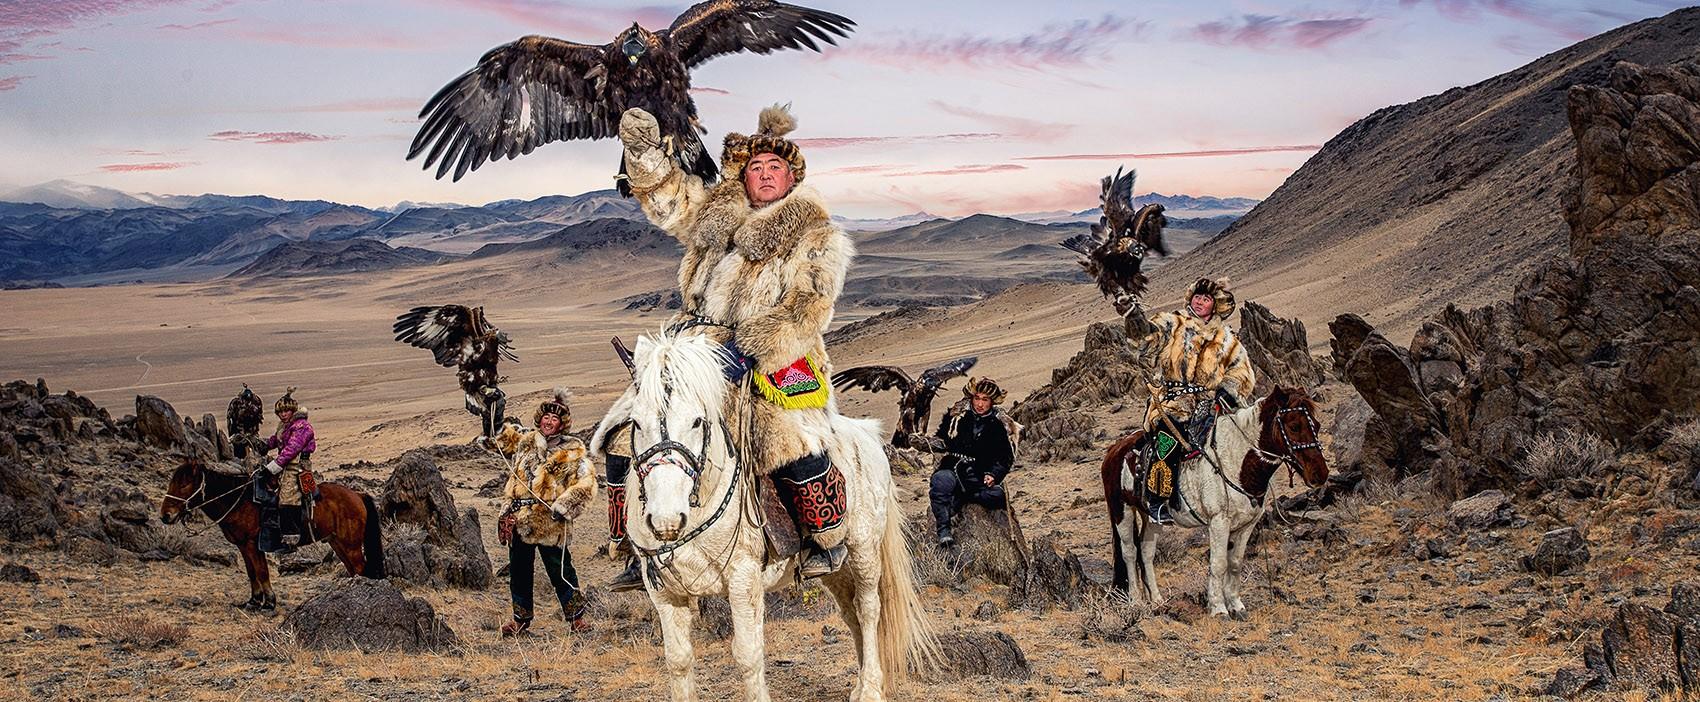 Kazachstan-wycieczka